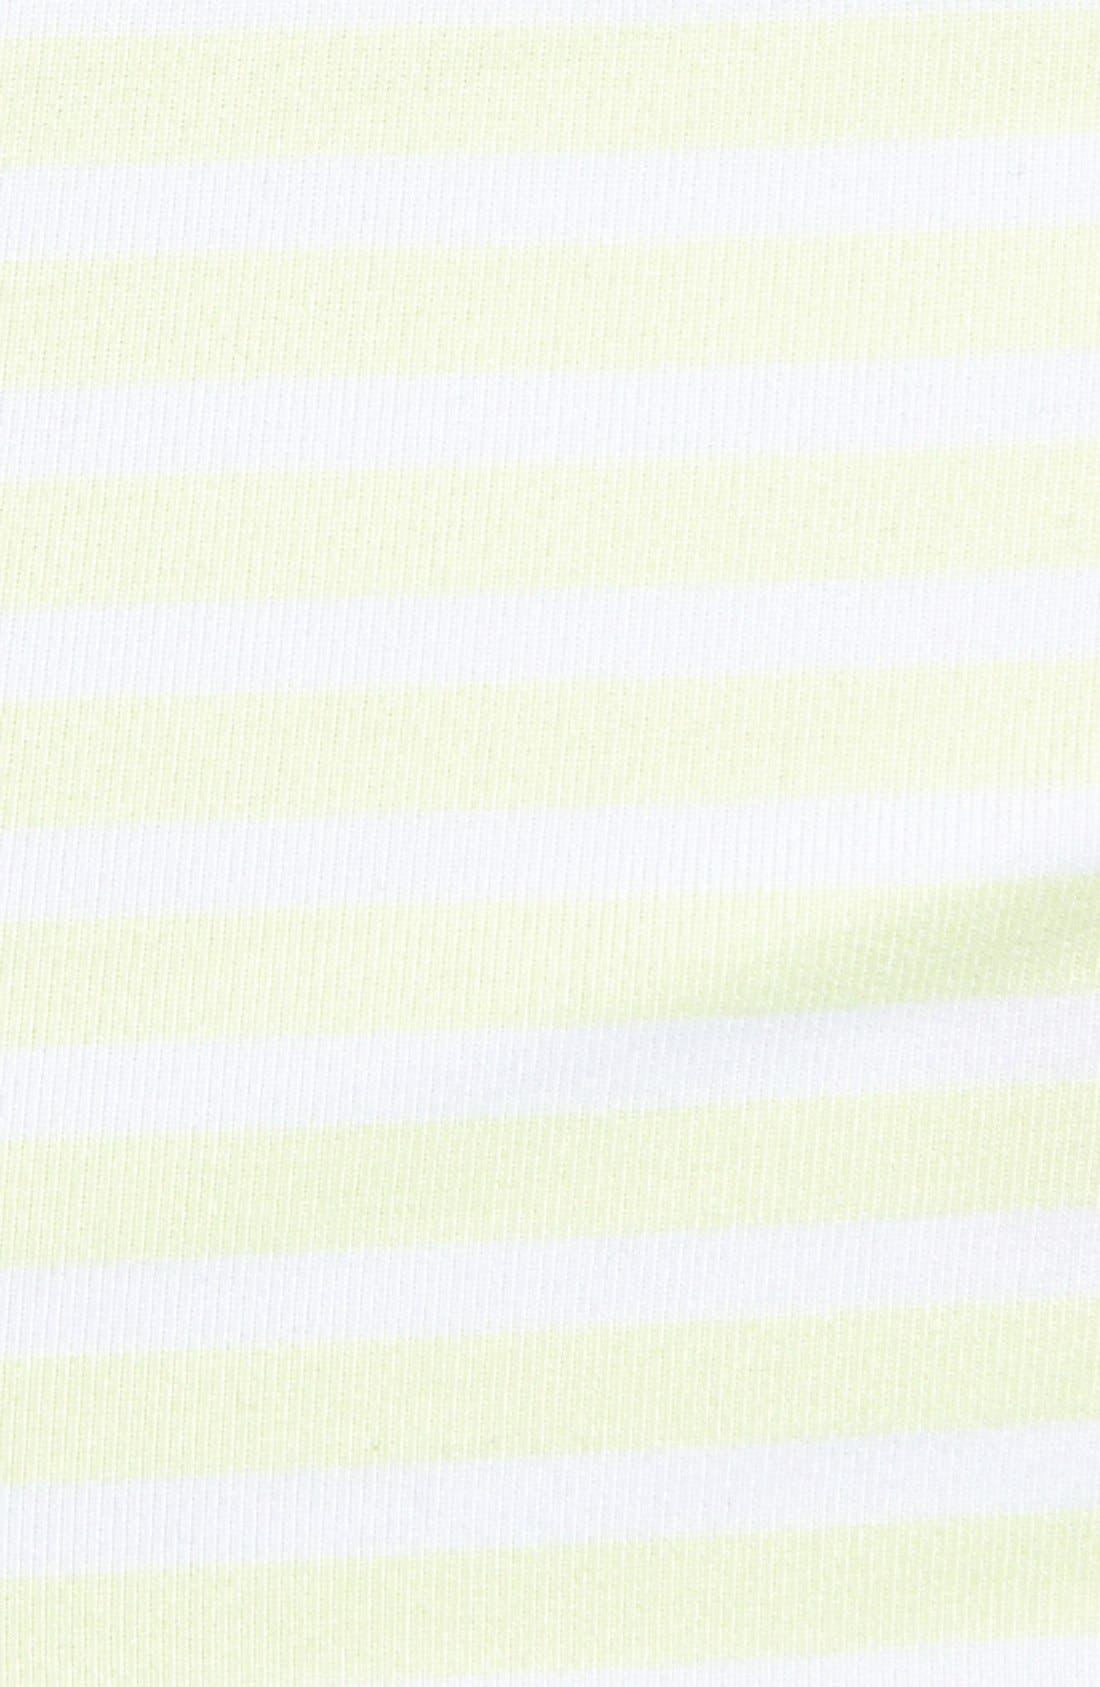 Alternate Image 3  - Zella 'Inhale Exhale' Side Vent Tank